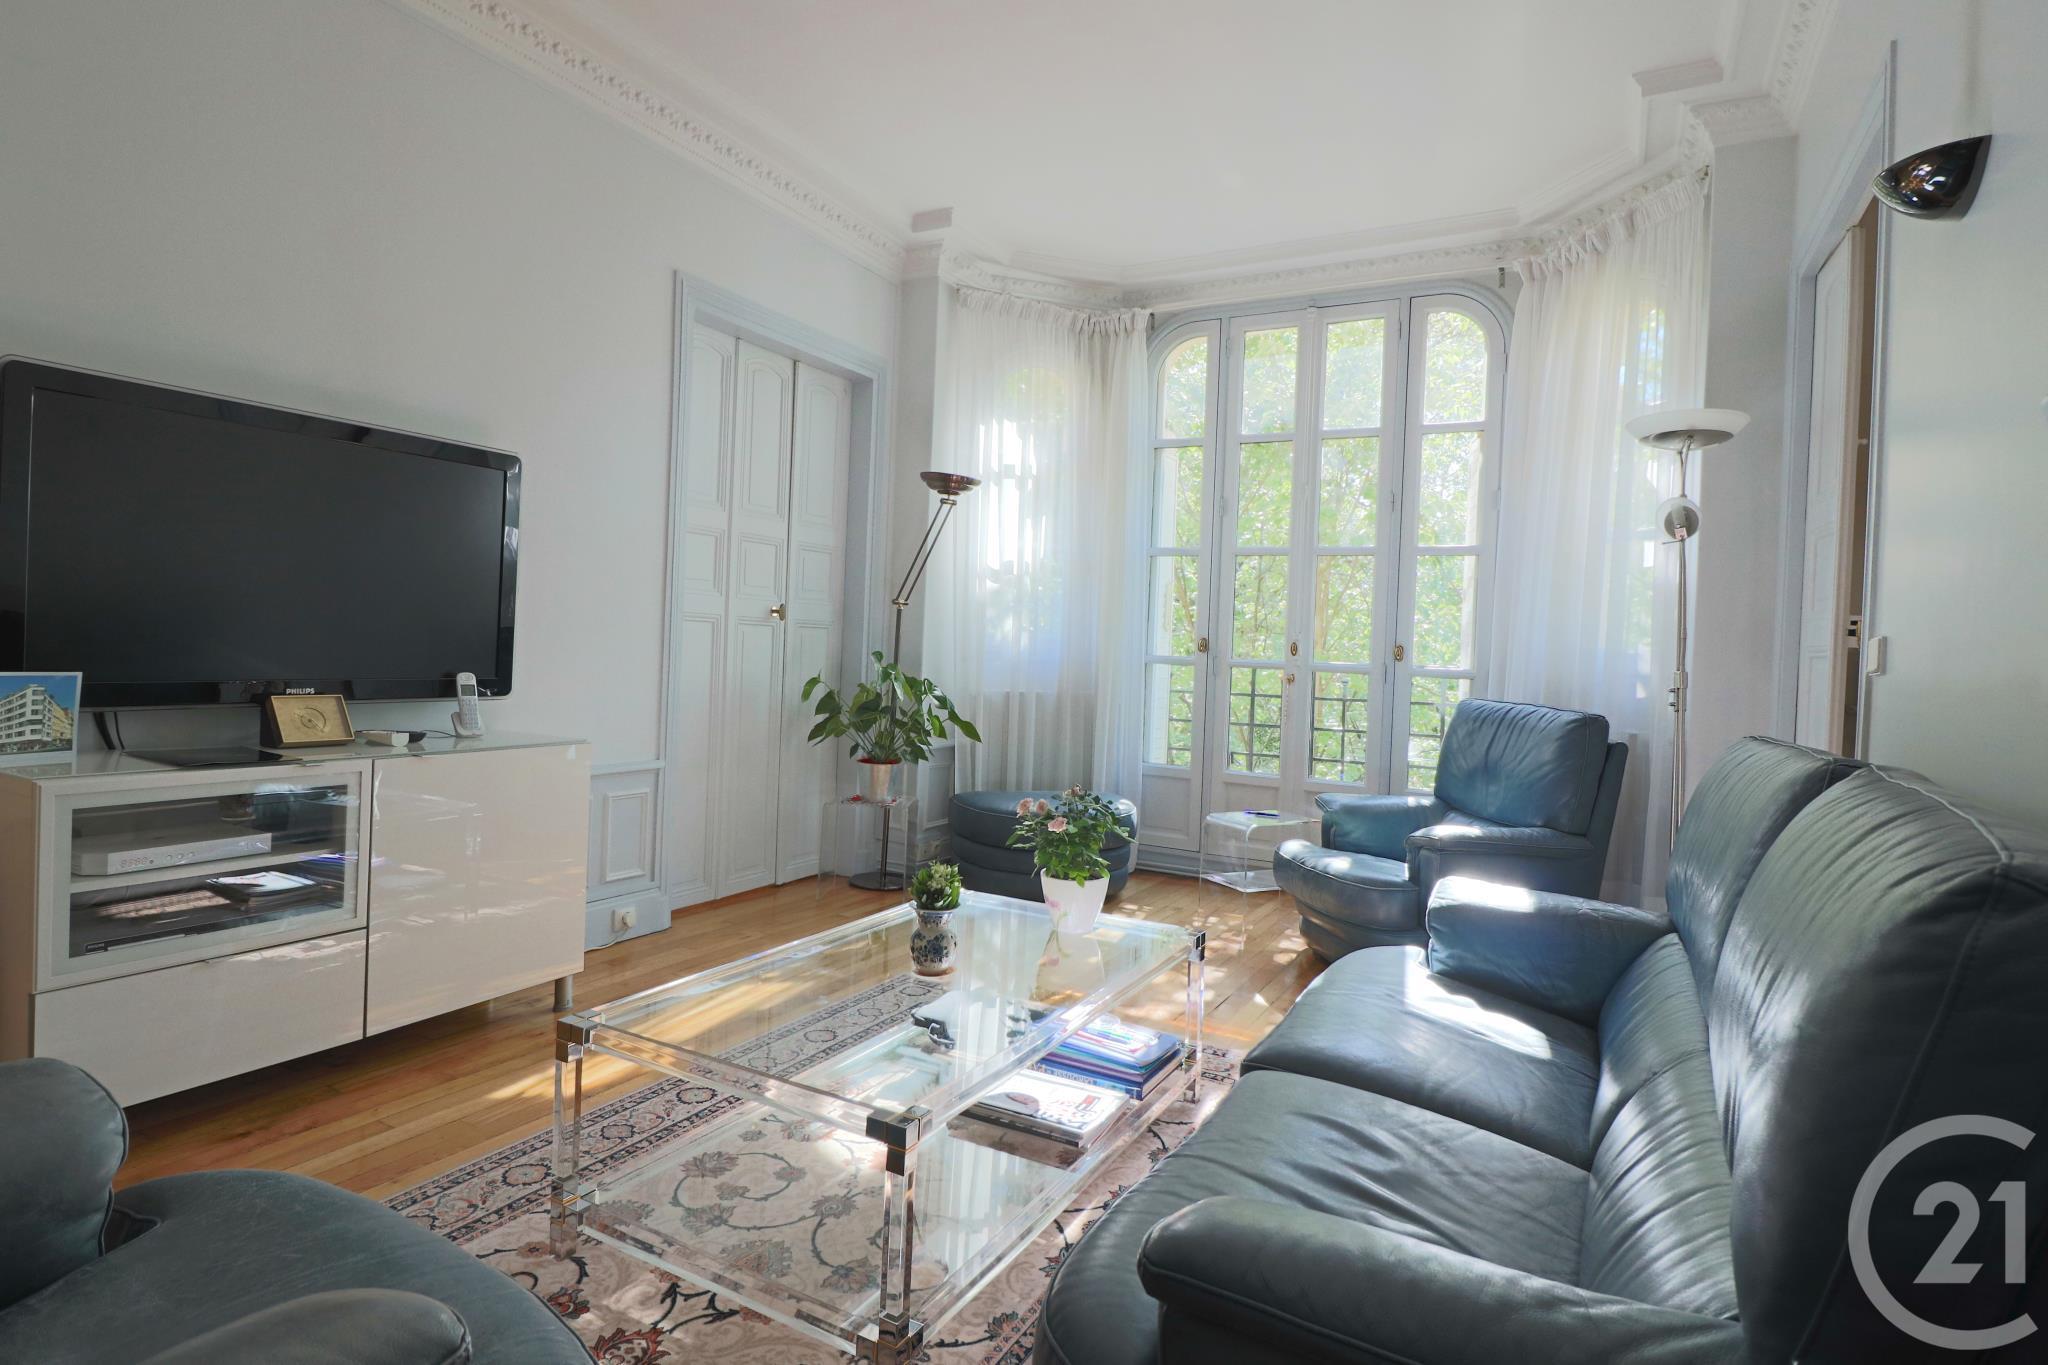 Appartement 3pièces 66m² à Paris 20e